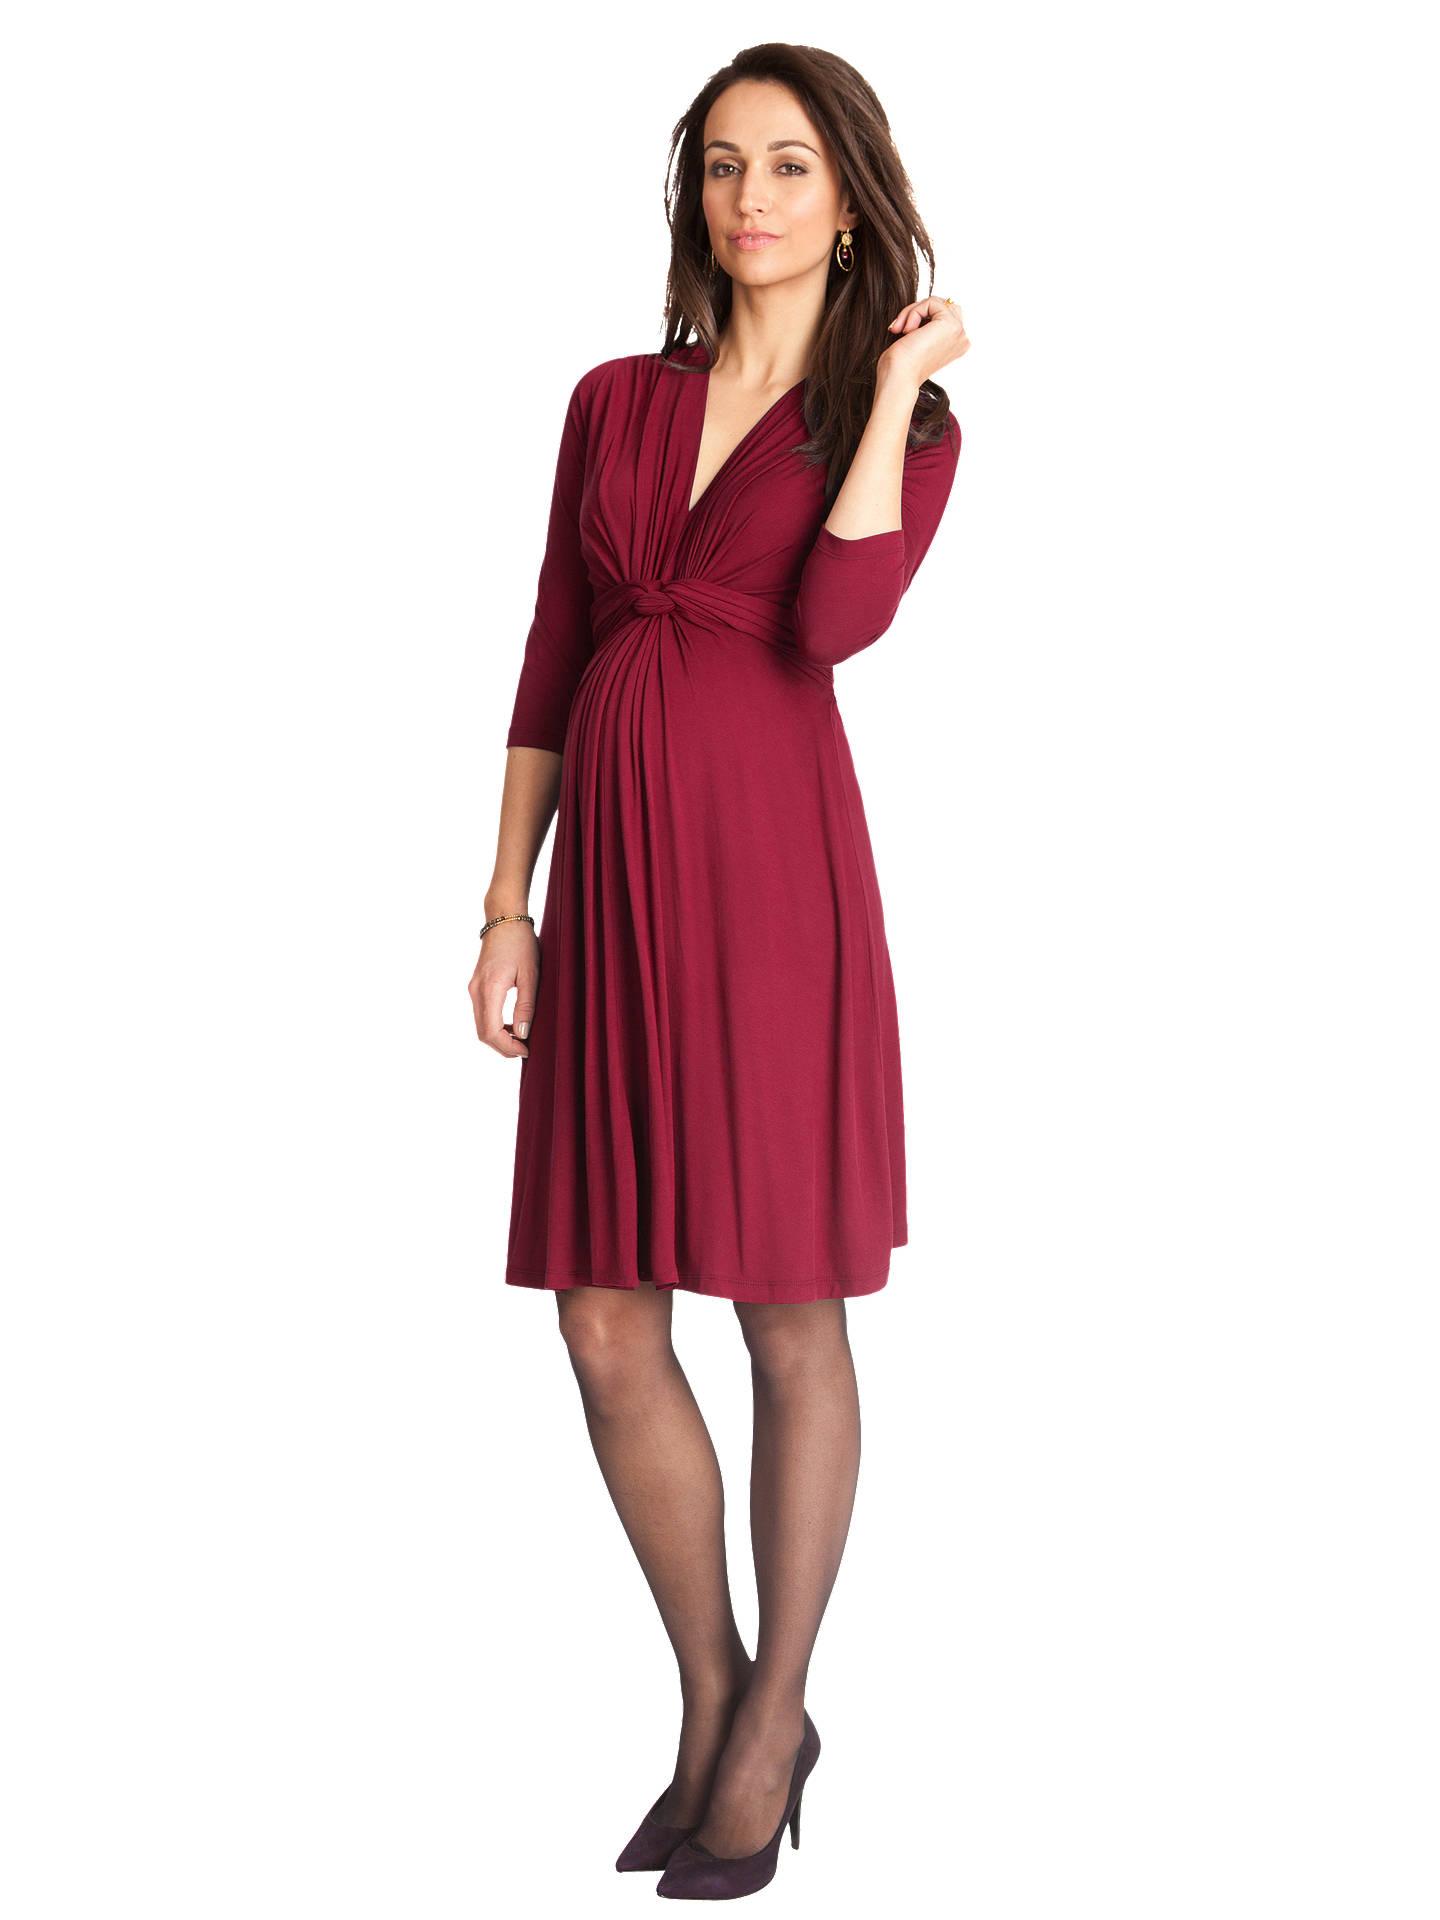 76922e8e5a Maternity Dresses Seraphine - Gomes Weine AG